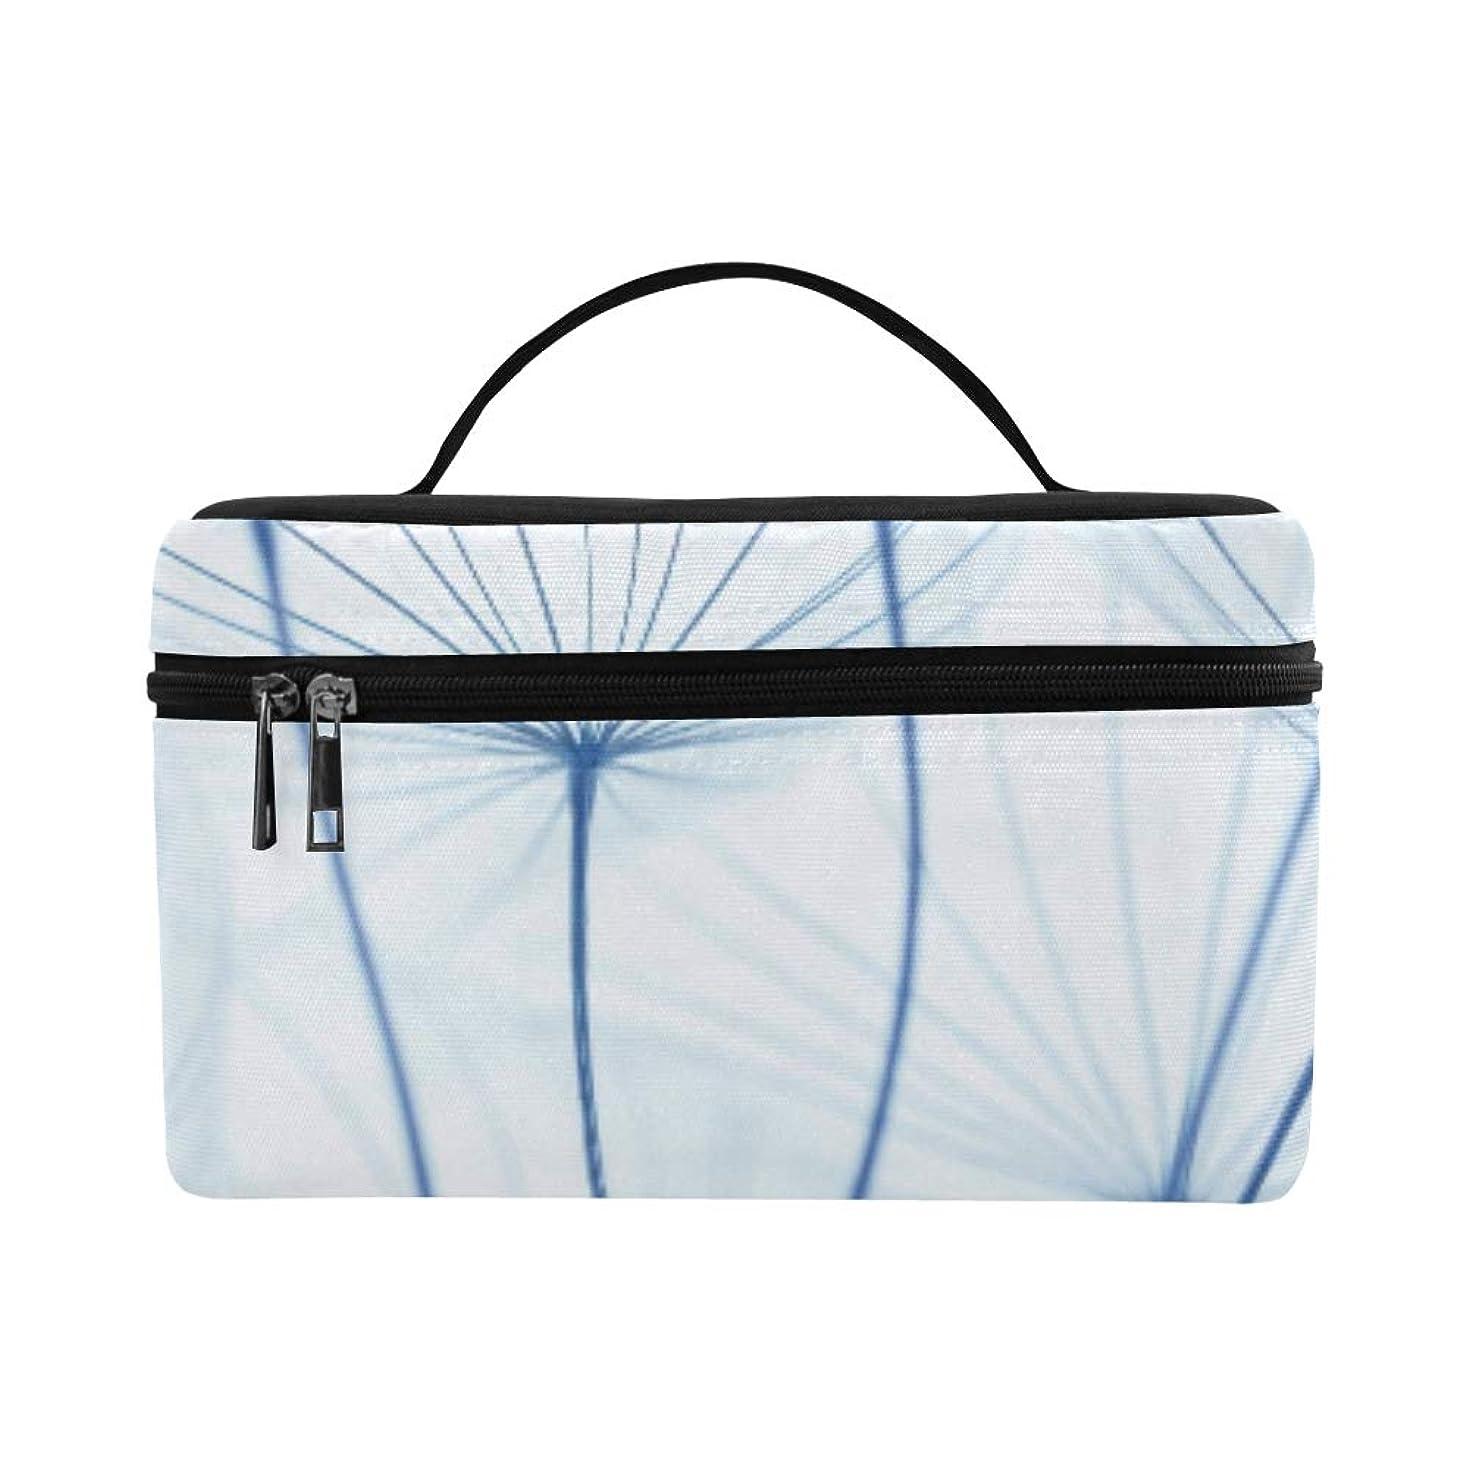 移動するモスホールドオールCFHYJ メイクボックス コスメ収納 化粧品収納ケース 大容量 収納ボックス 化粧品入れ 化粧バッグ 旅行用 メイクブラシバッグ 化粧箱 持ち運び便利 プロ用 植物 たんぽぽ